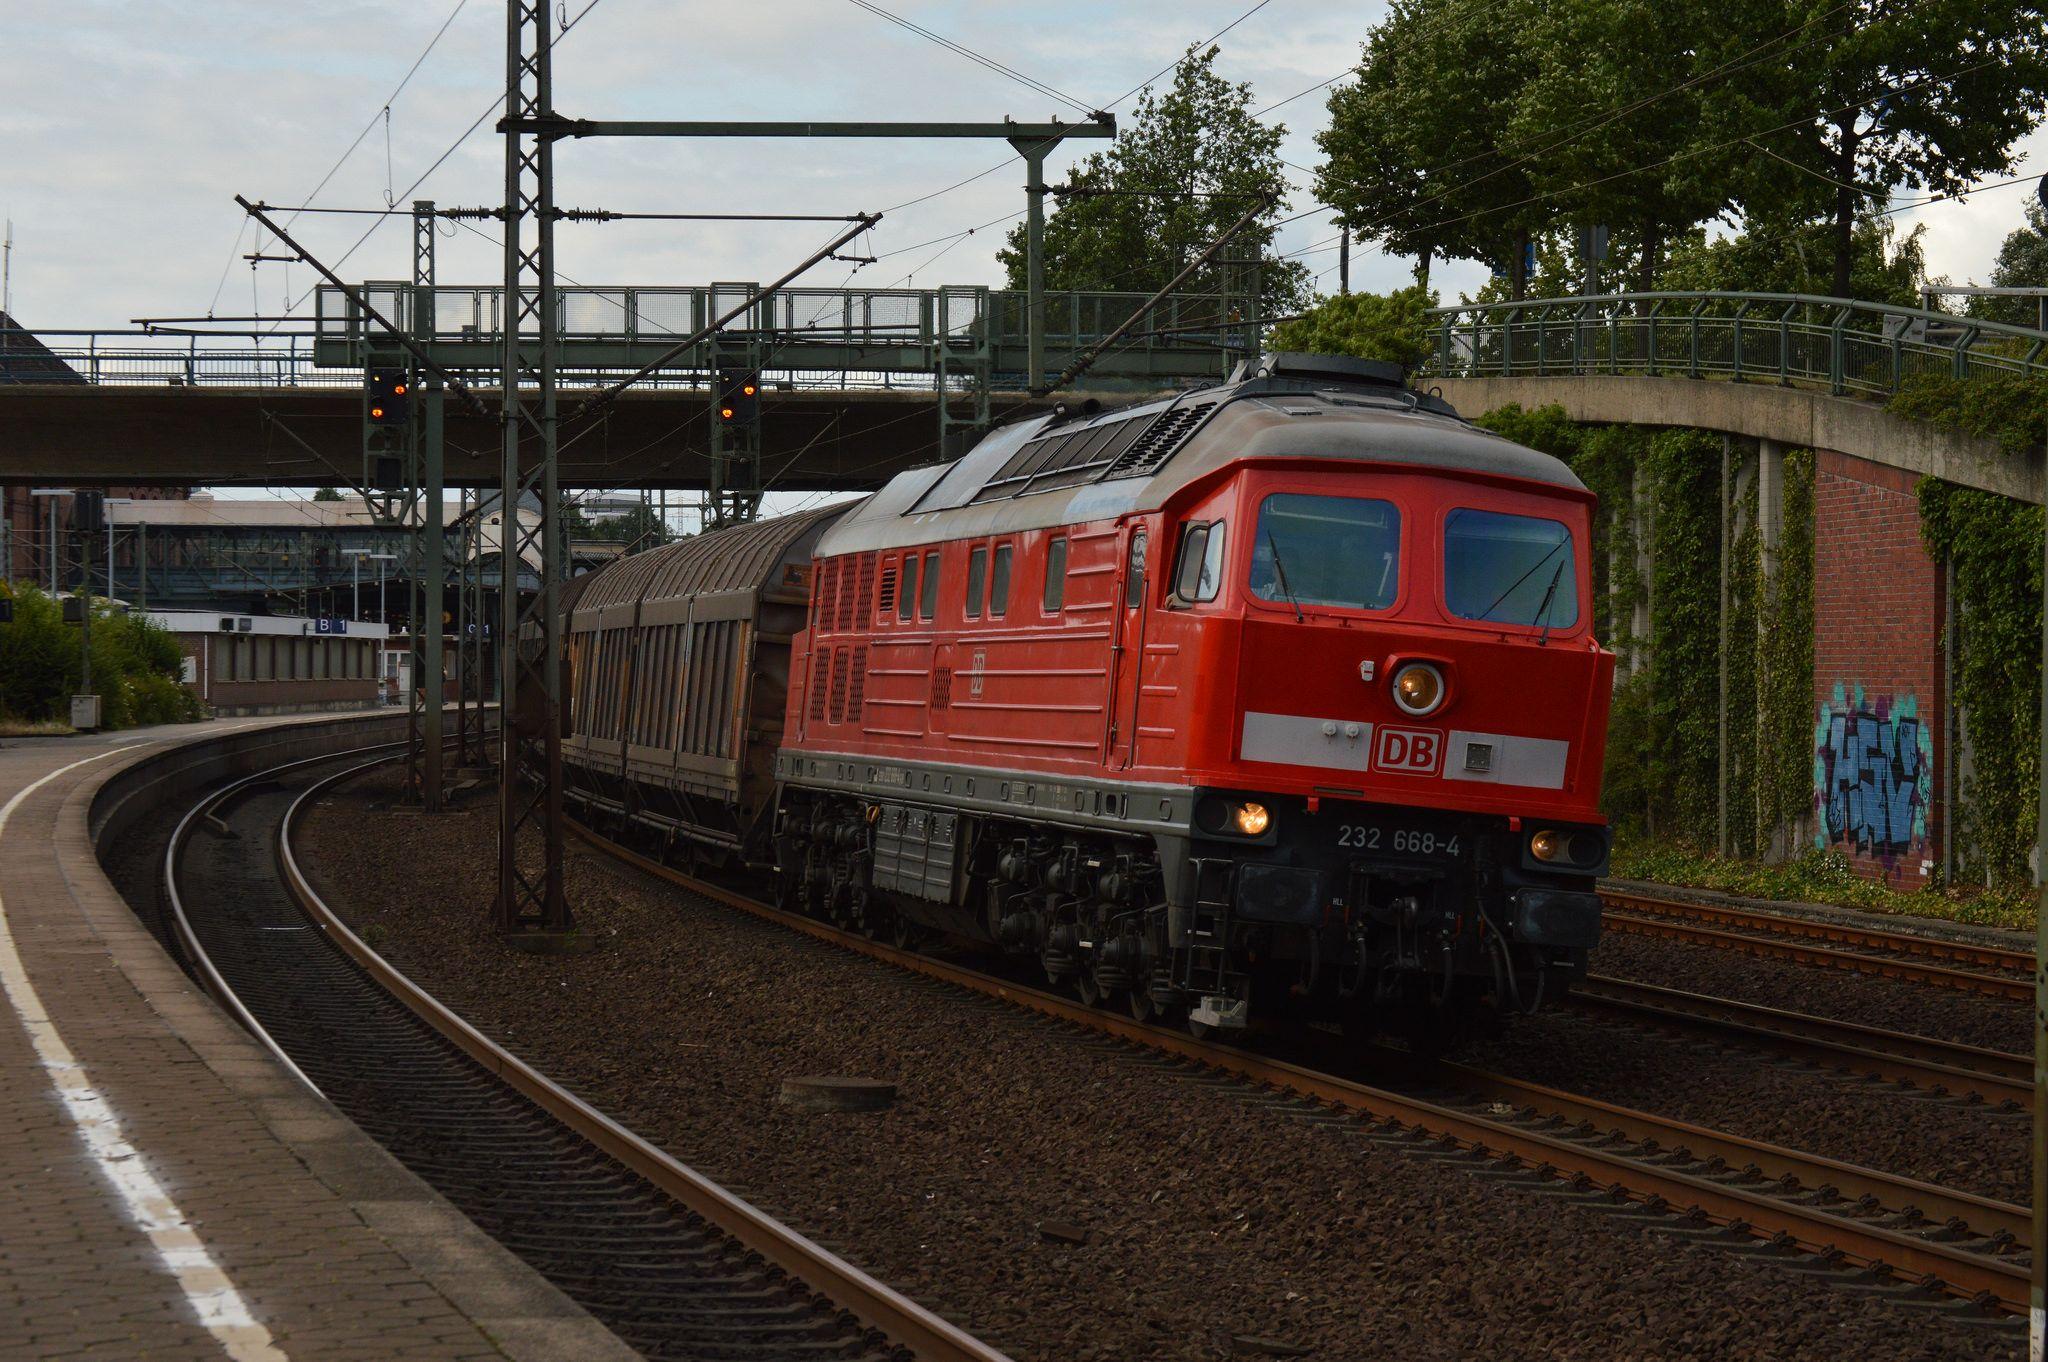 232 668 HamburgHarburg železnice a železniční doprava